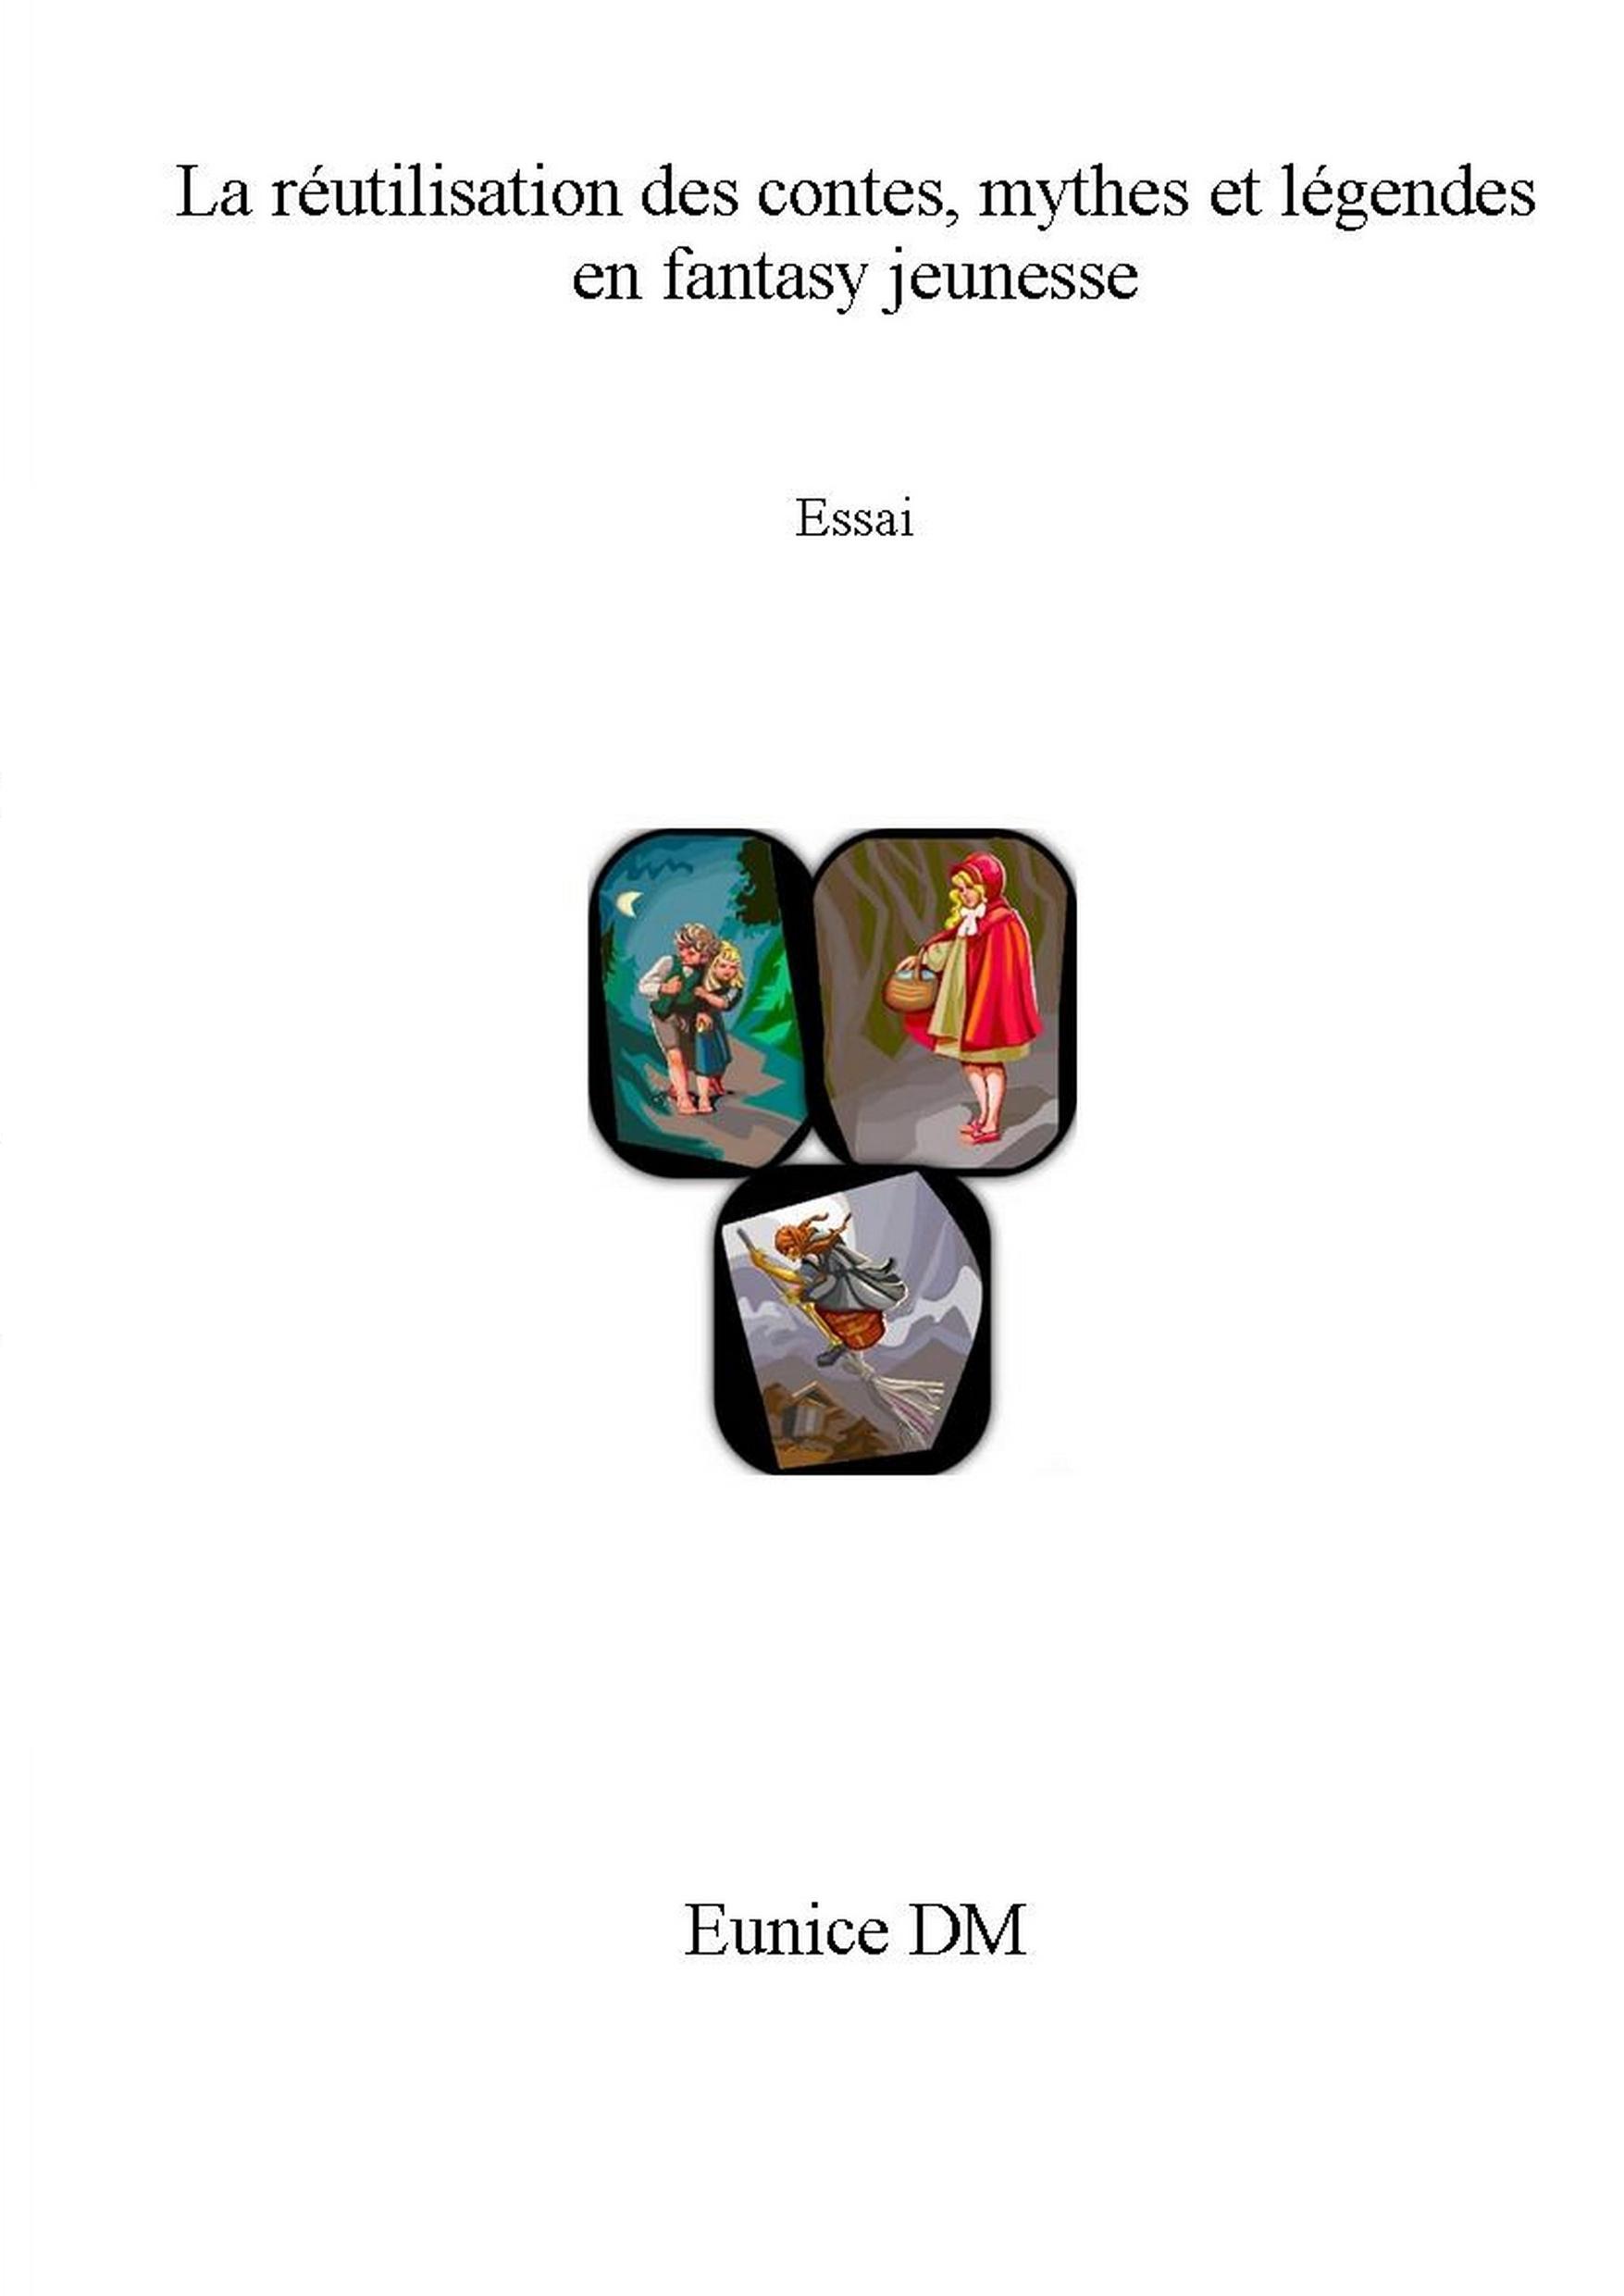 La réutilisation des contes en fantasy